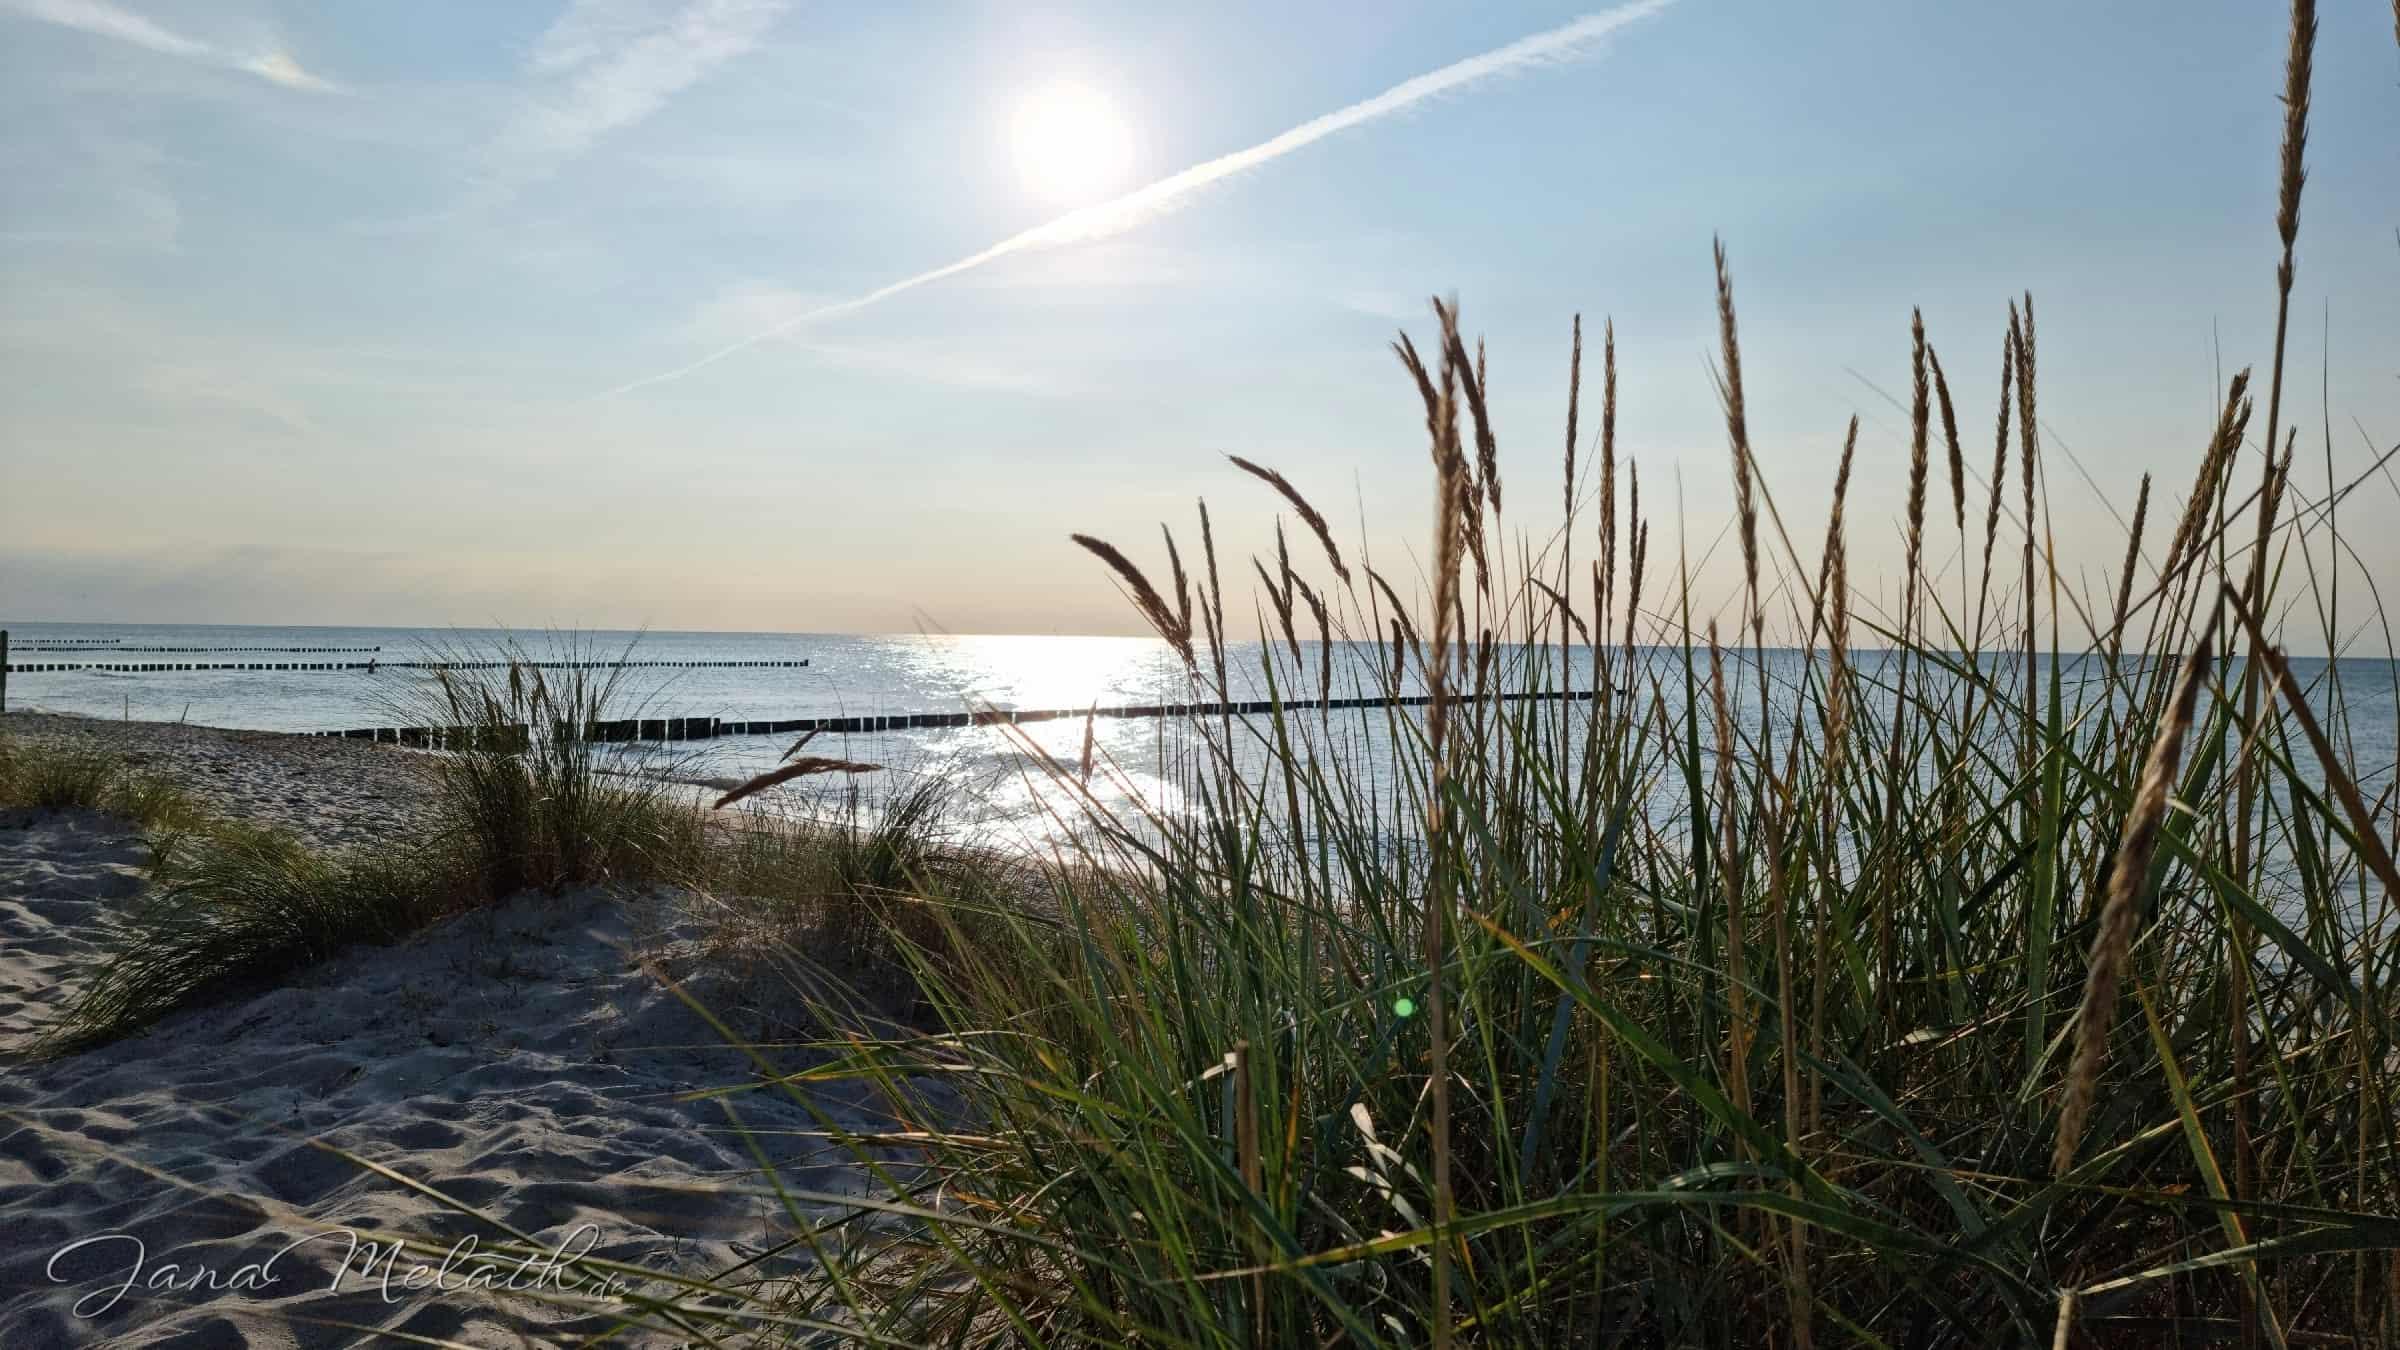 Urlaubserinnerungen - Strandhafer